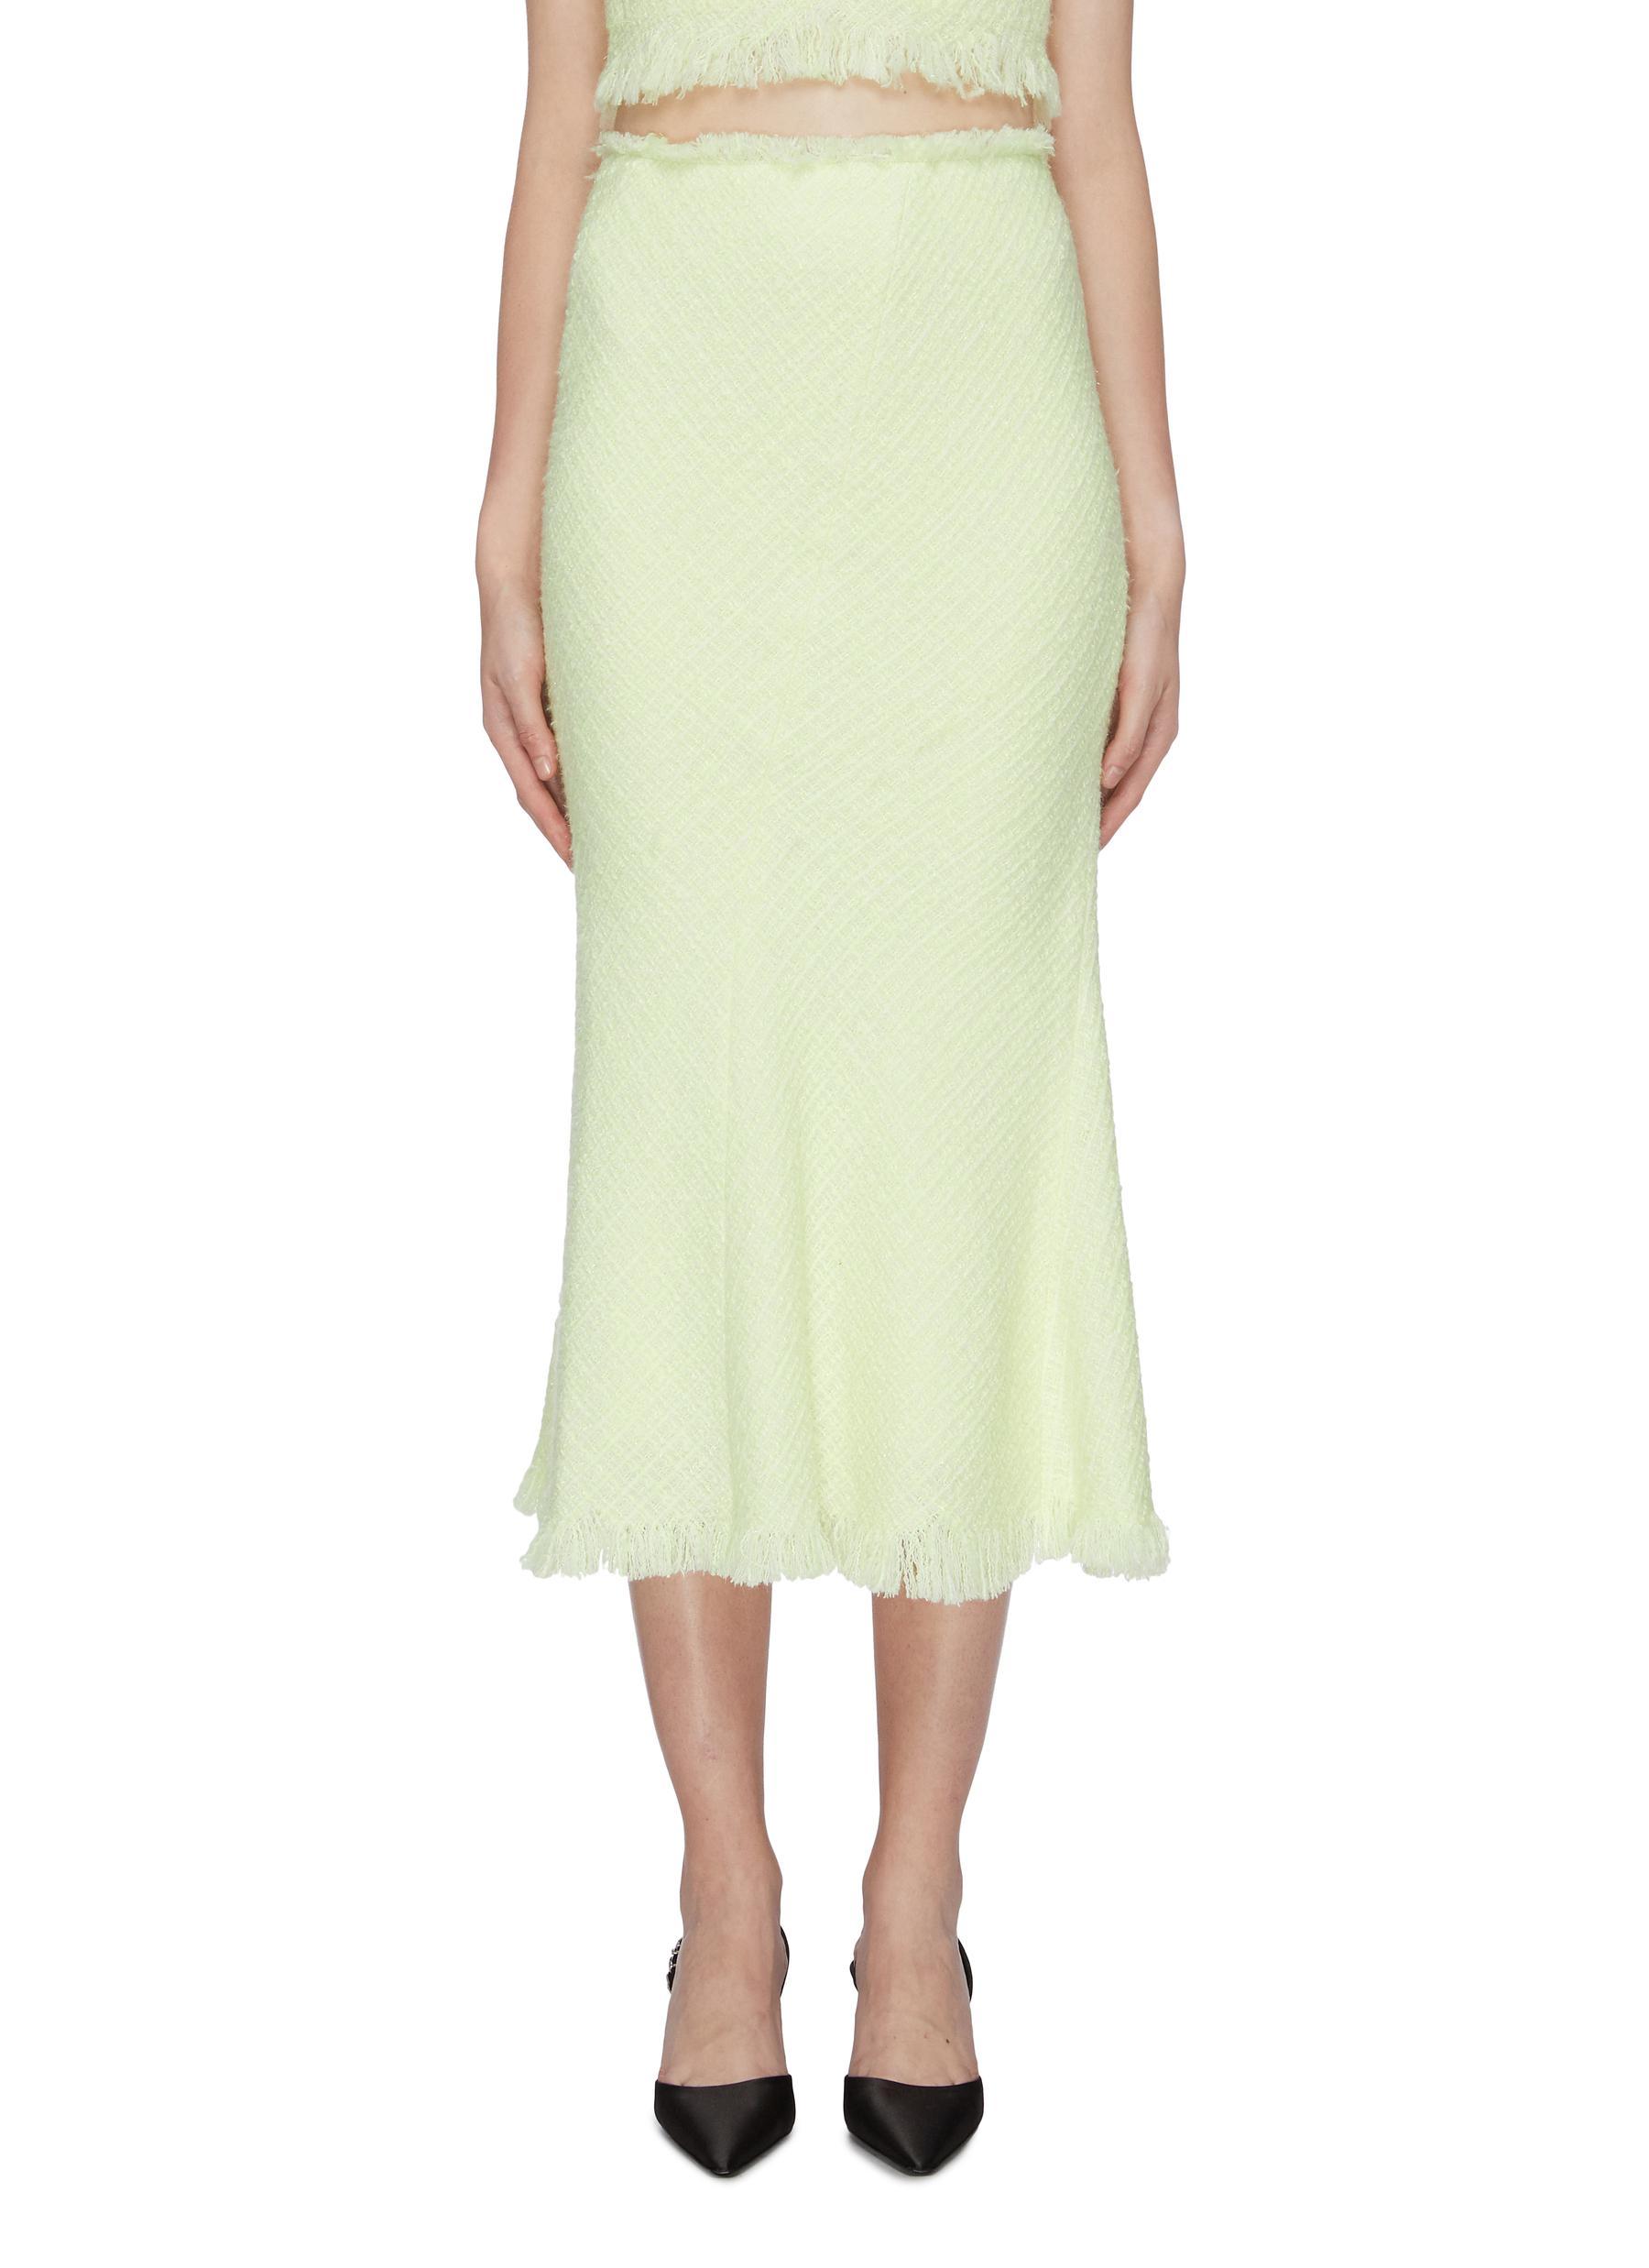 Frayed edge tweed skirt by Alexanderwang